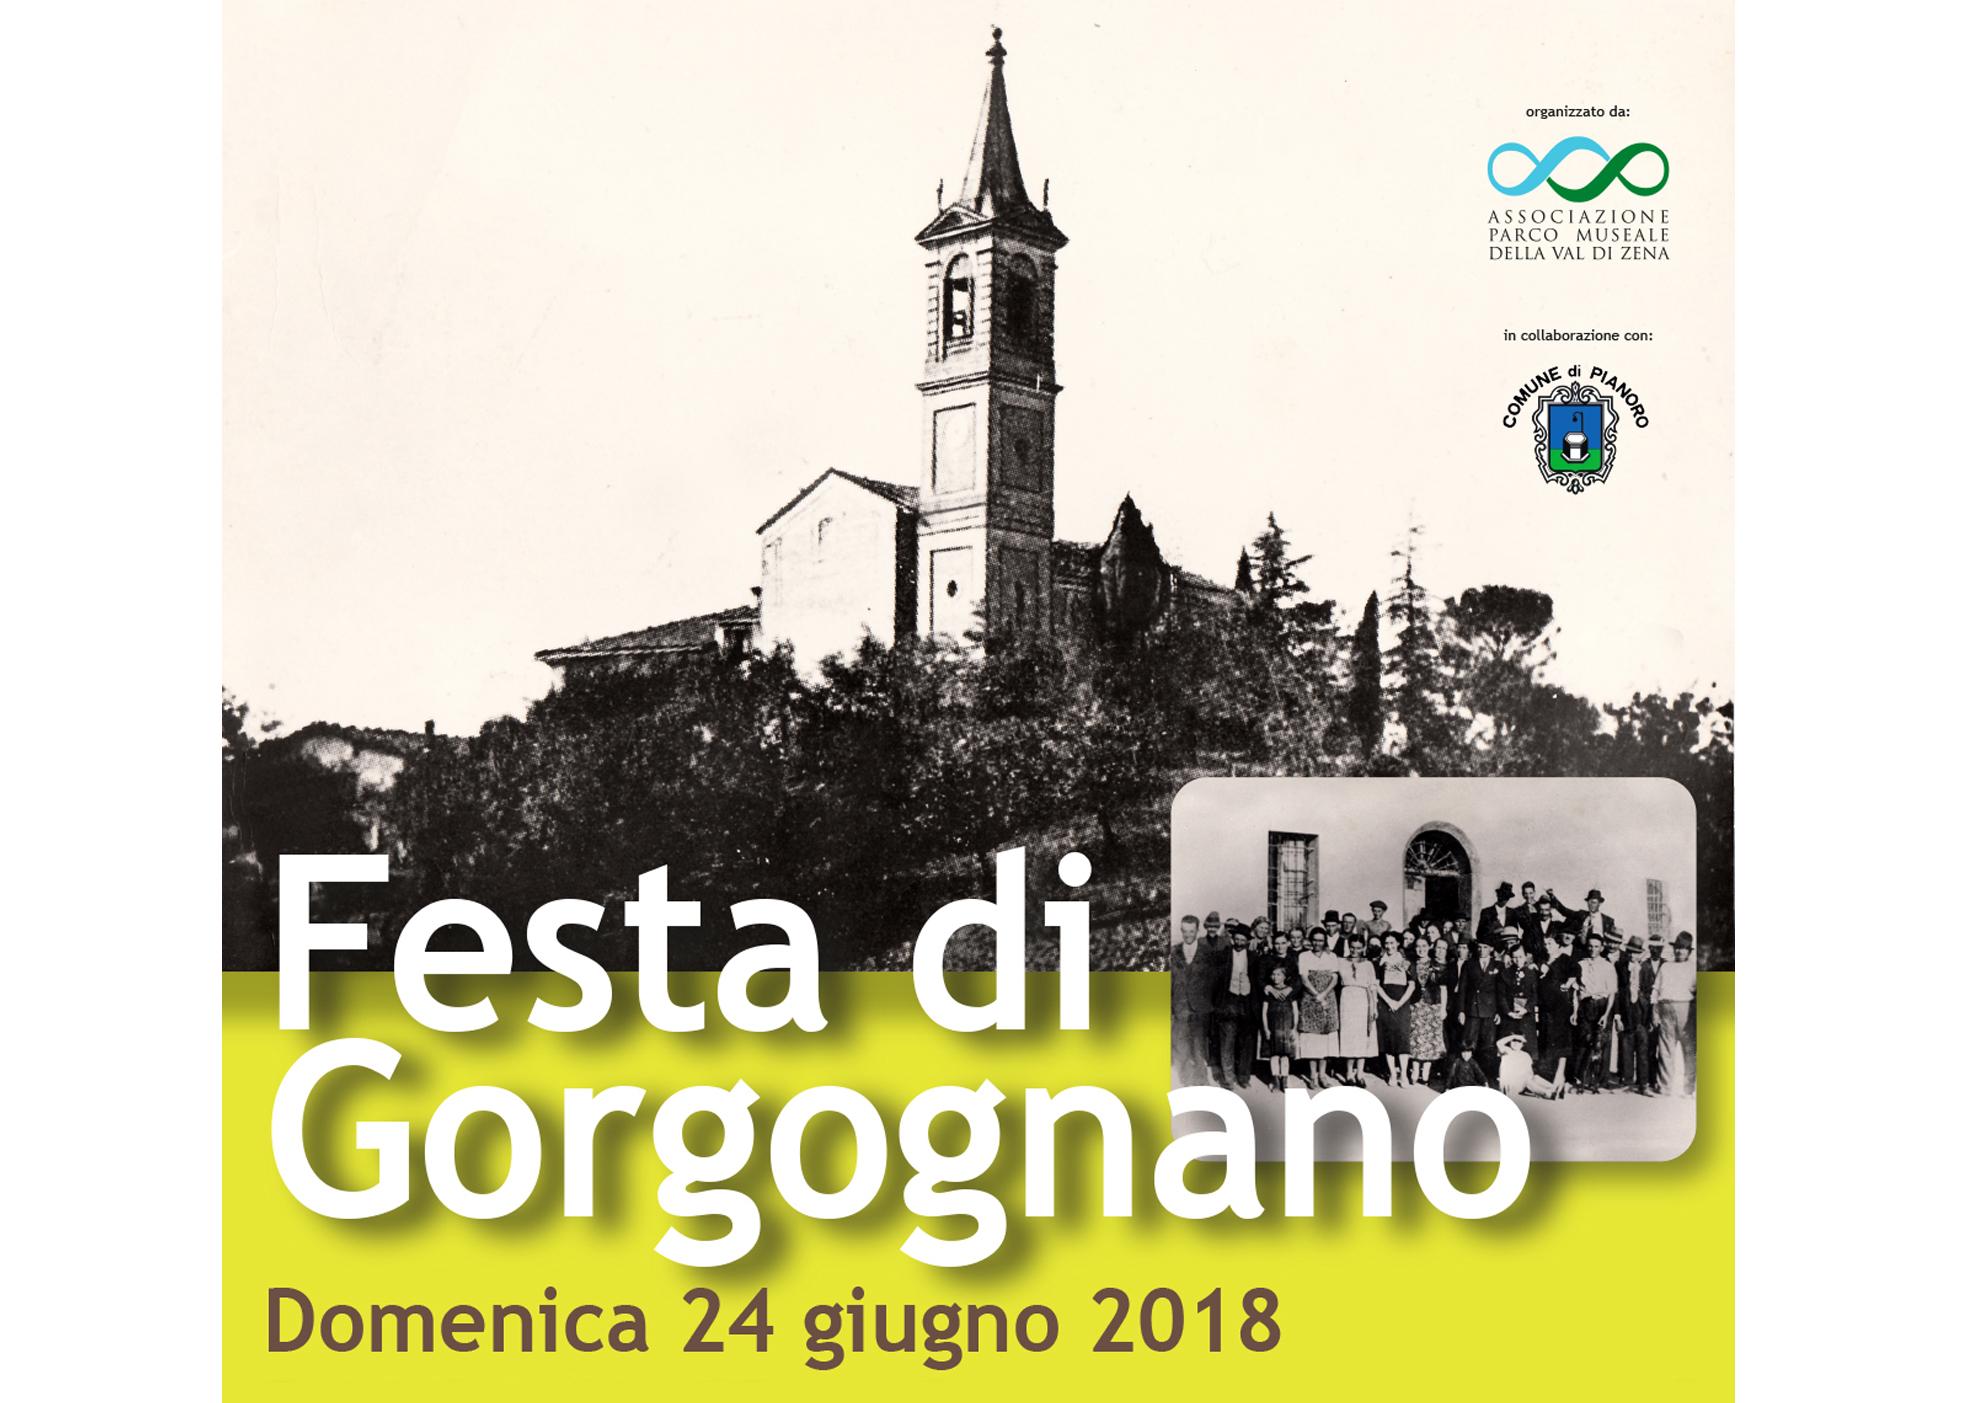 La Festa di Gorgognano 24 giugno 2018